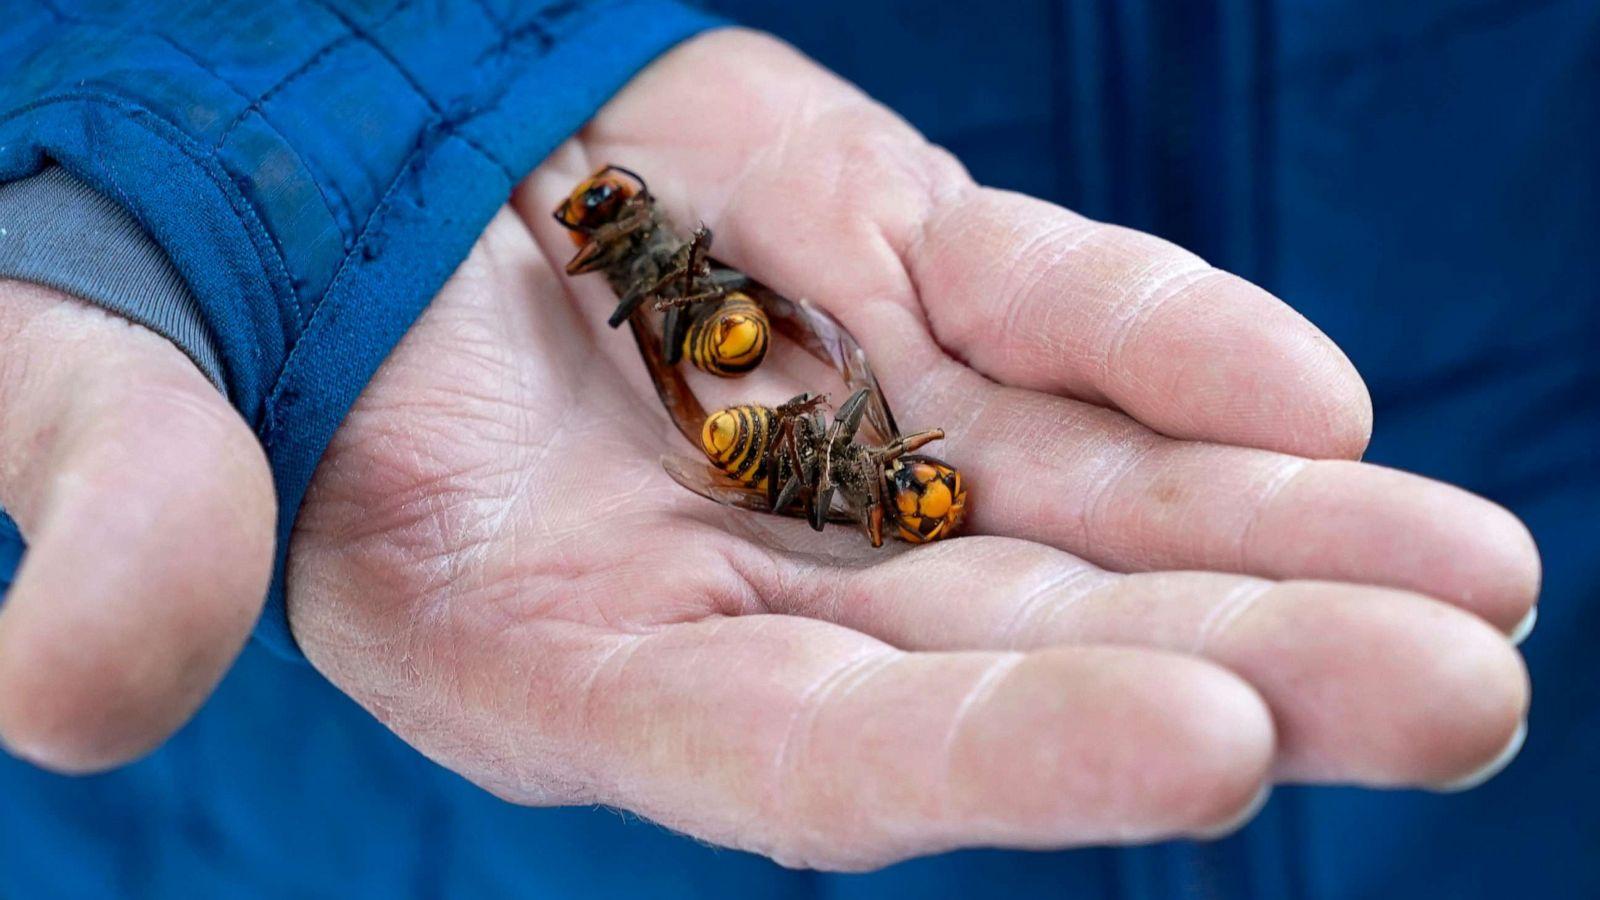 15 Biggest Hornets Nests